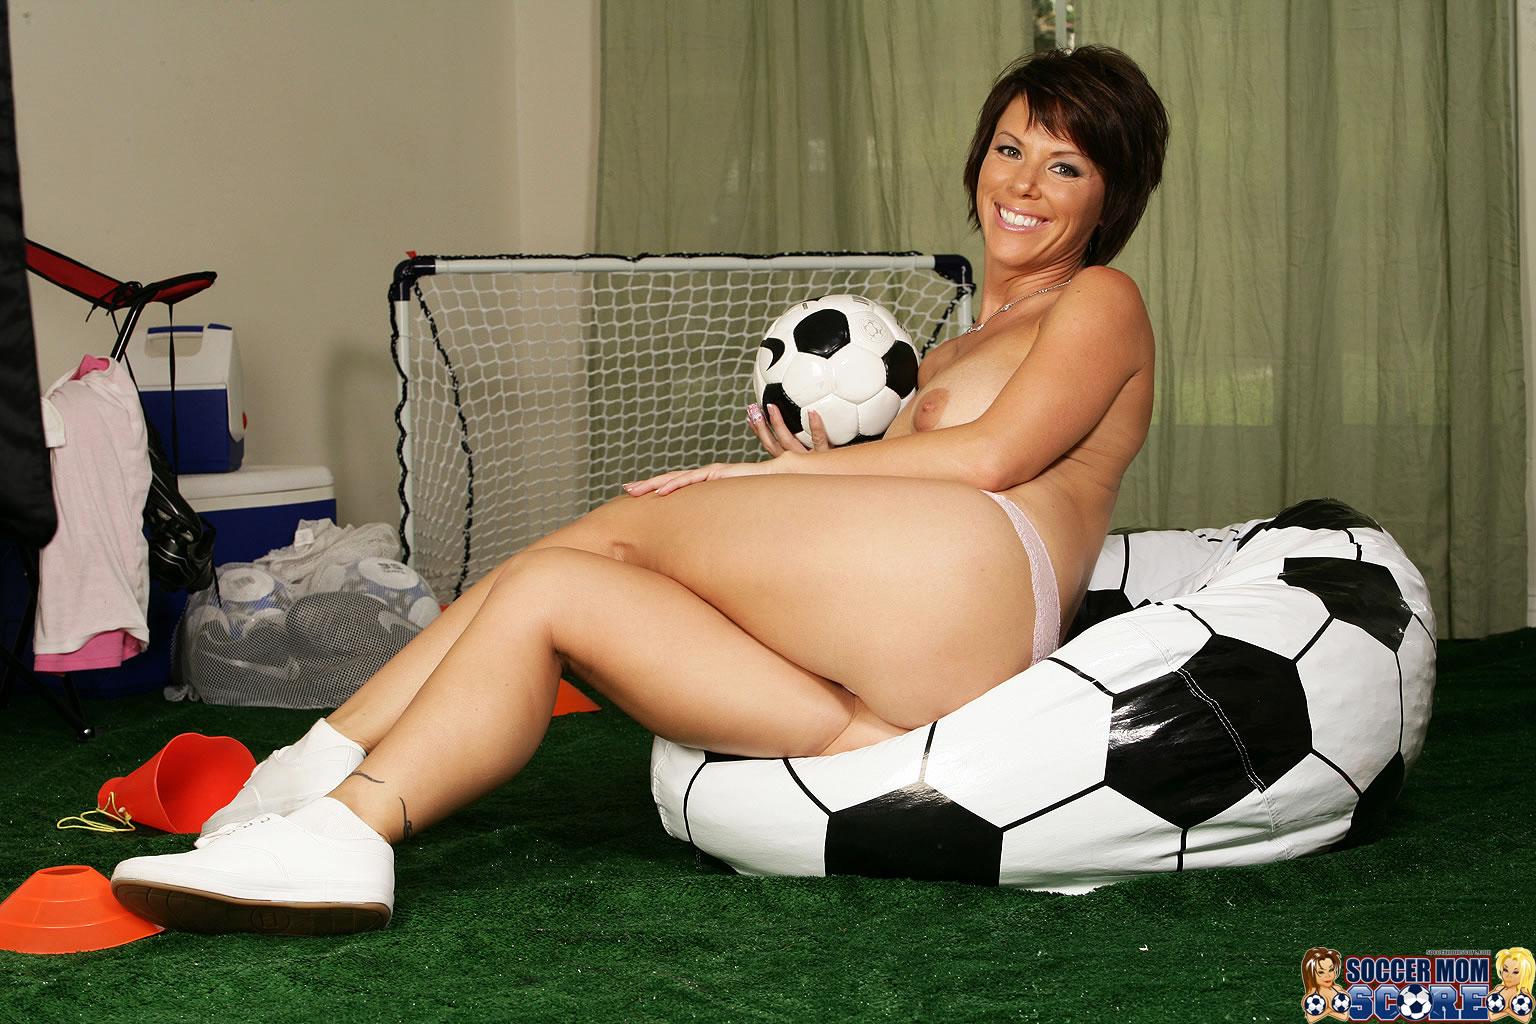 Horny soccer mums